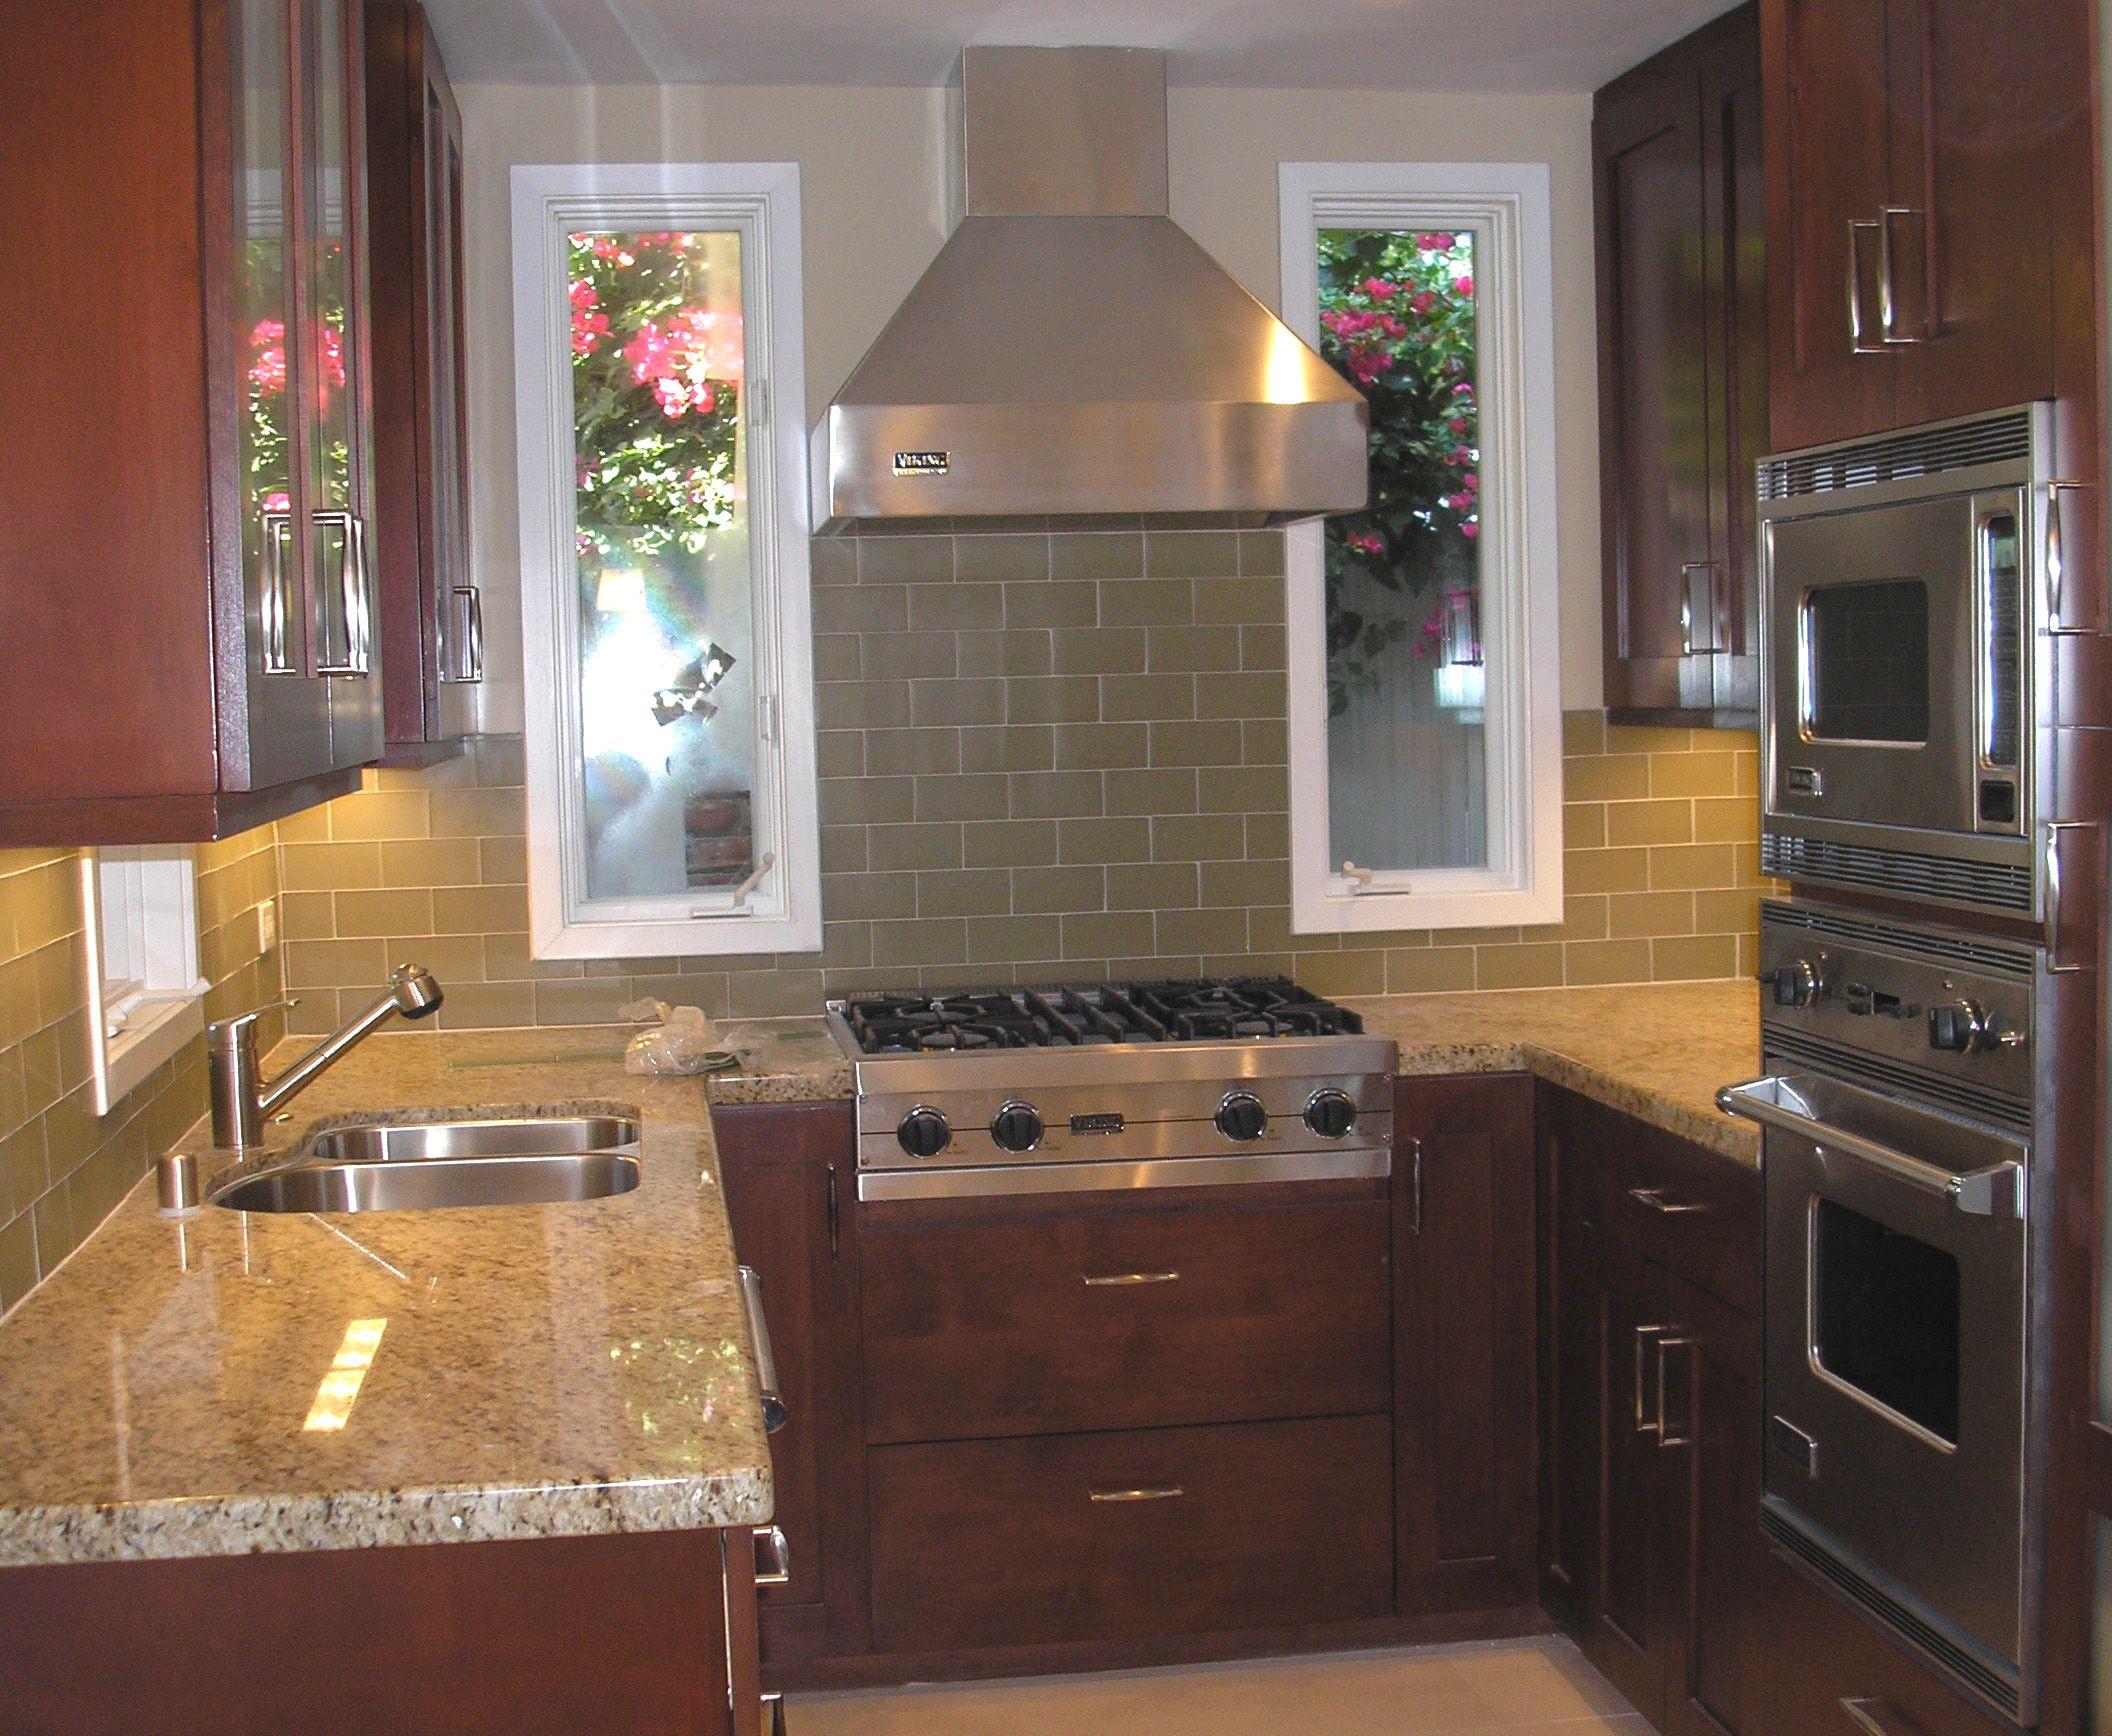 Small Custom Kitchen With Sage Green Glass Subway Backsplash Stainless Steel Appliances Chocolate Bro Interior Design Kitchen Kitchen Design U Shaped Kitchen